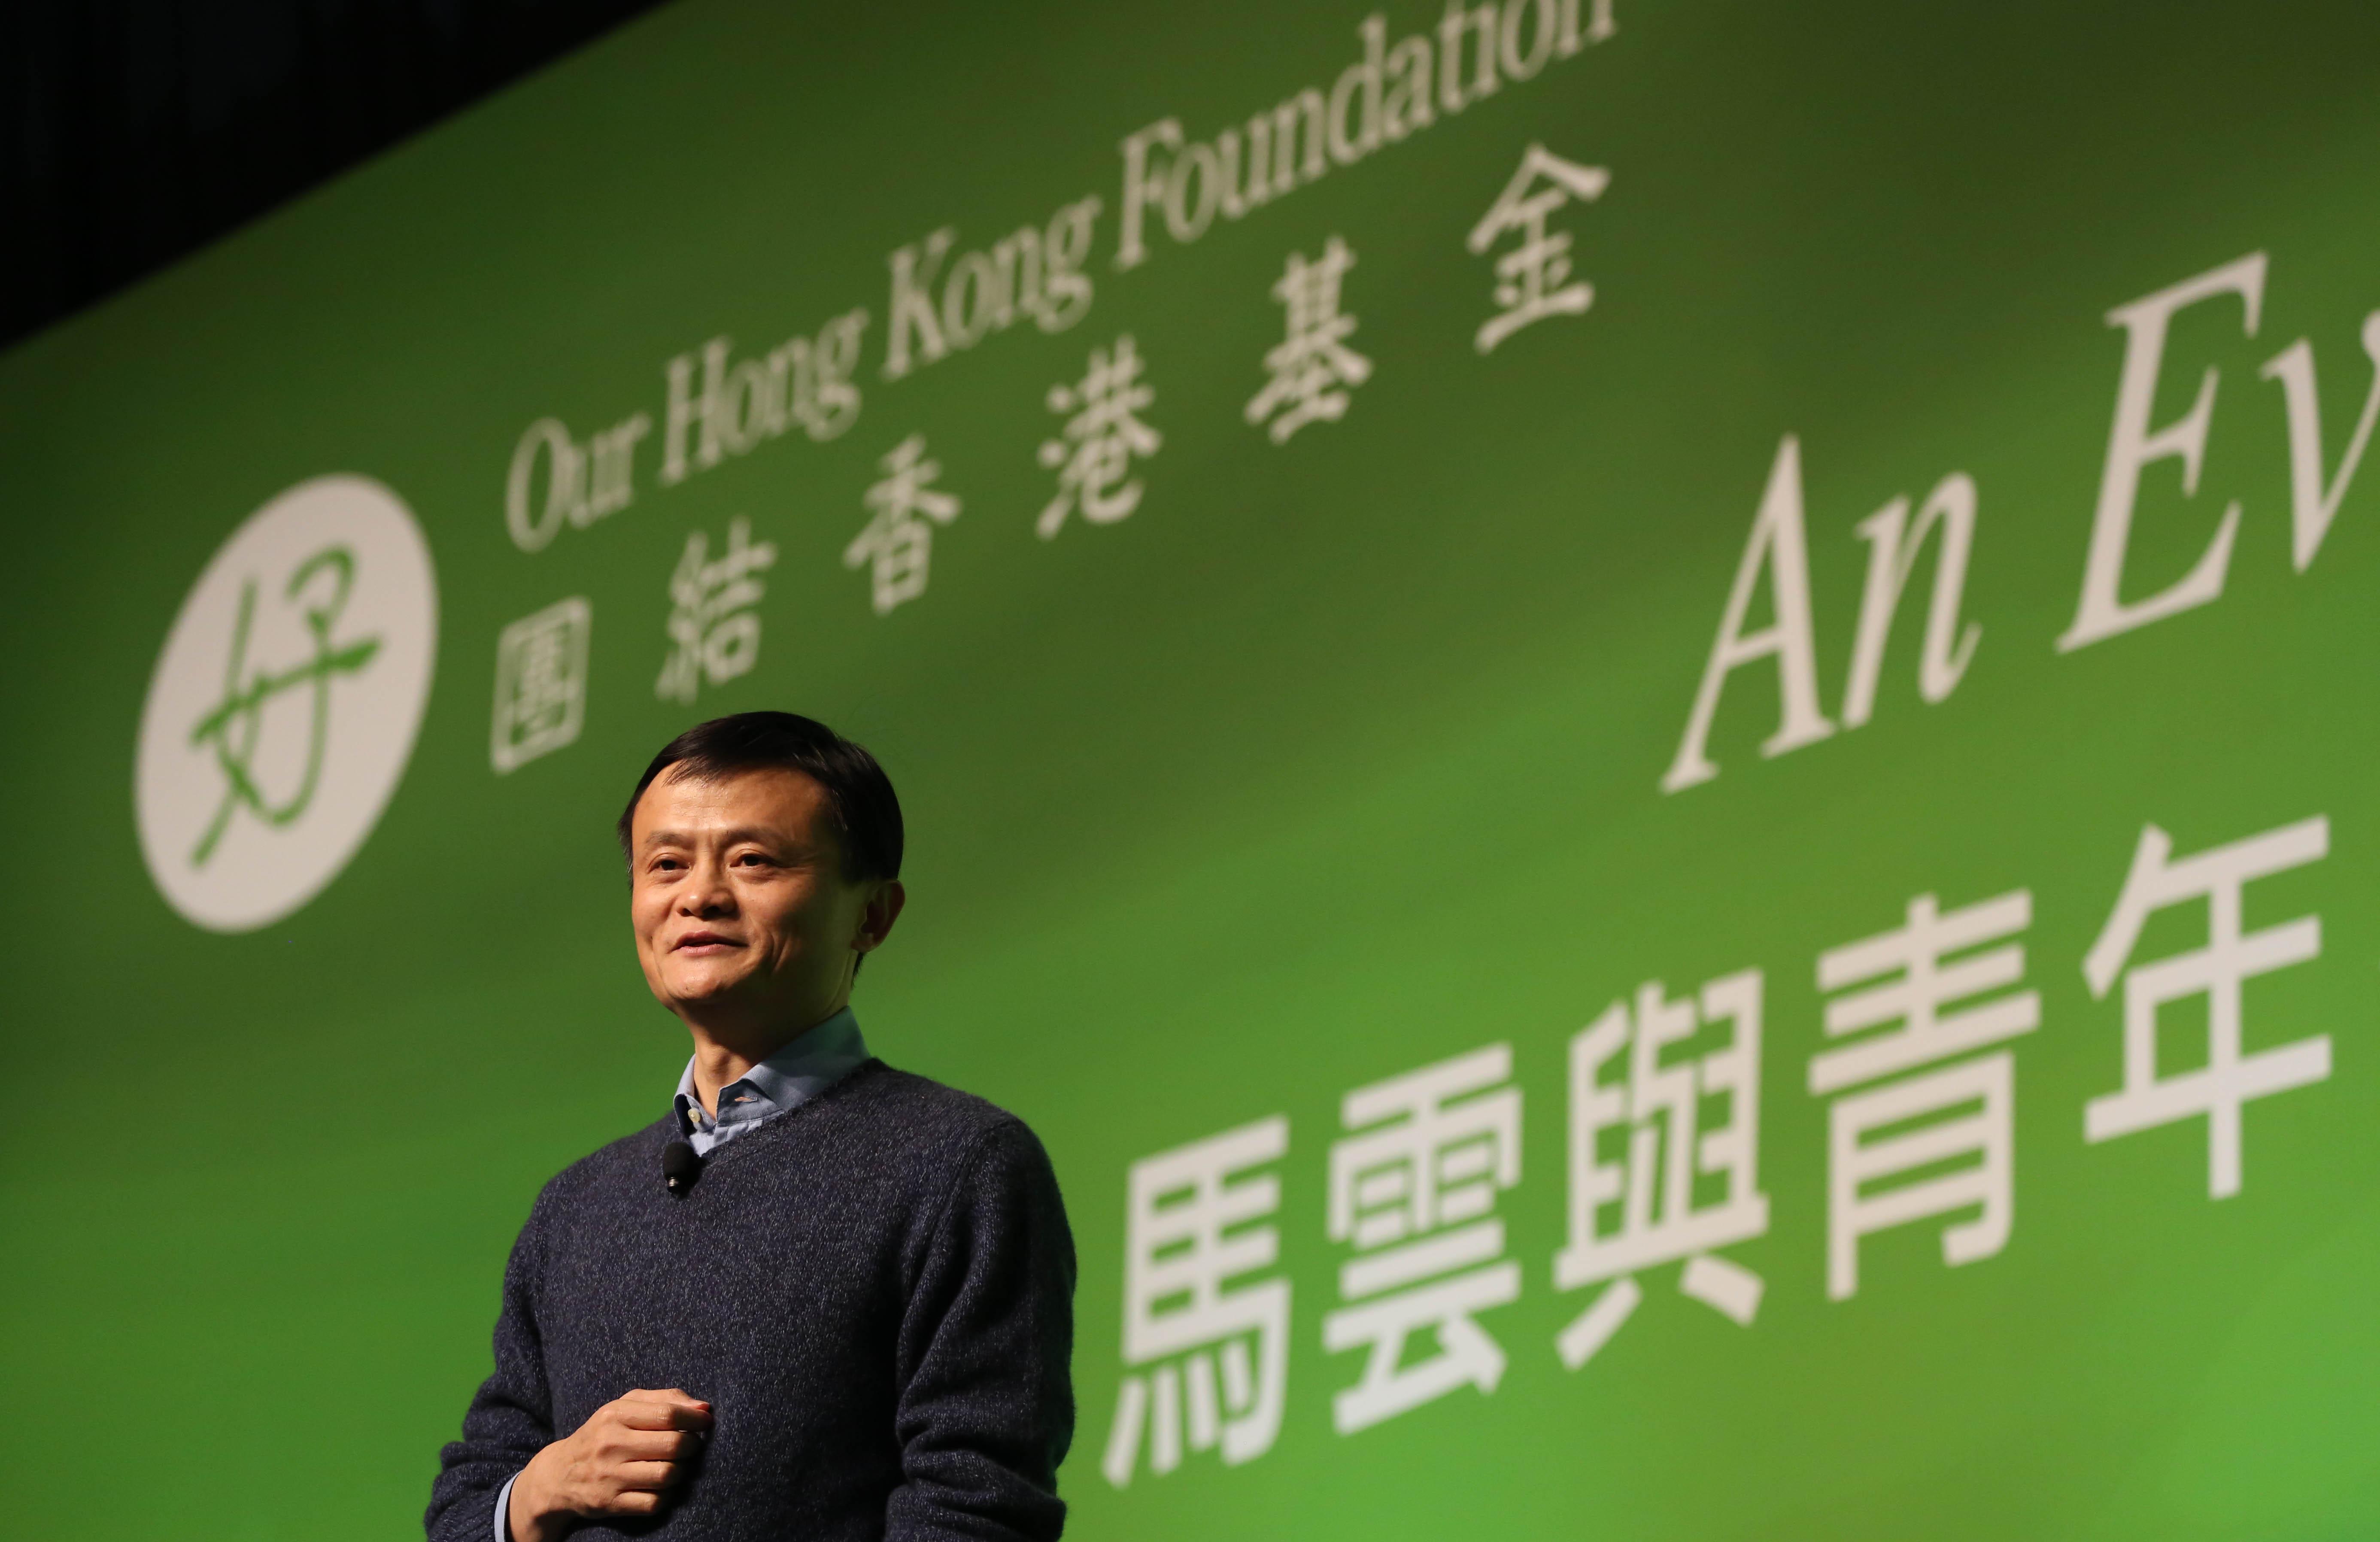 Alibaba Sets Up Hk 1b Young Entrepreneurs Fund Computerworld Hong Kong